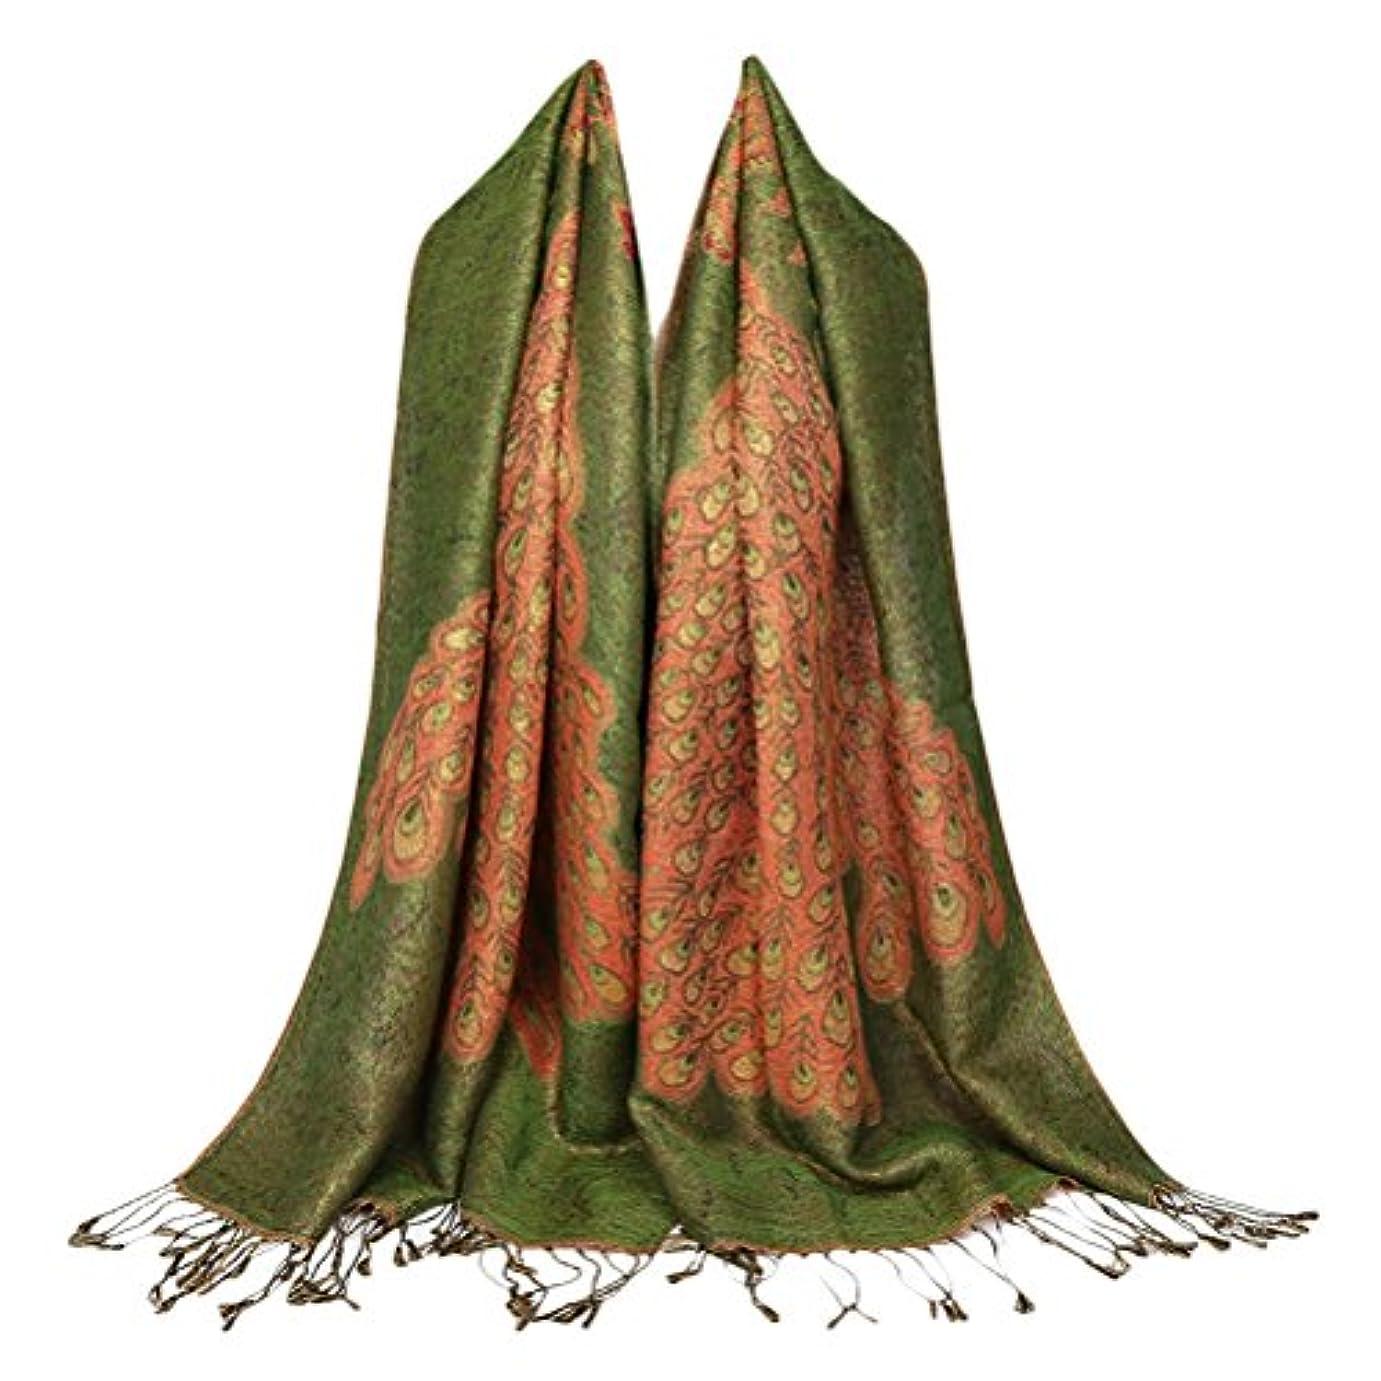 ペリスコープ画家送るZhuhaitf Noble スタイリッシュ Comfortable Printed Tassel Scarf Thicking for Womens Ladies Warm Winter スカーフ